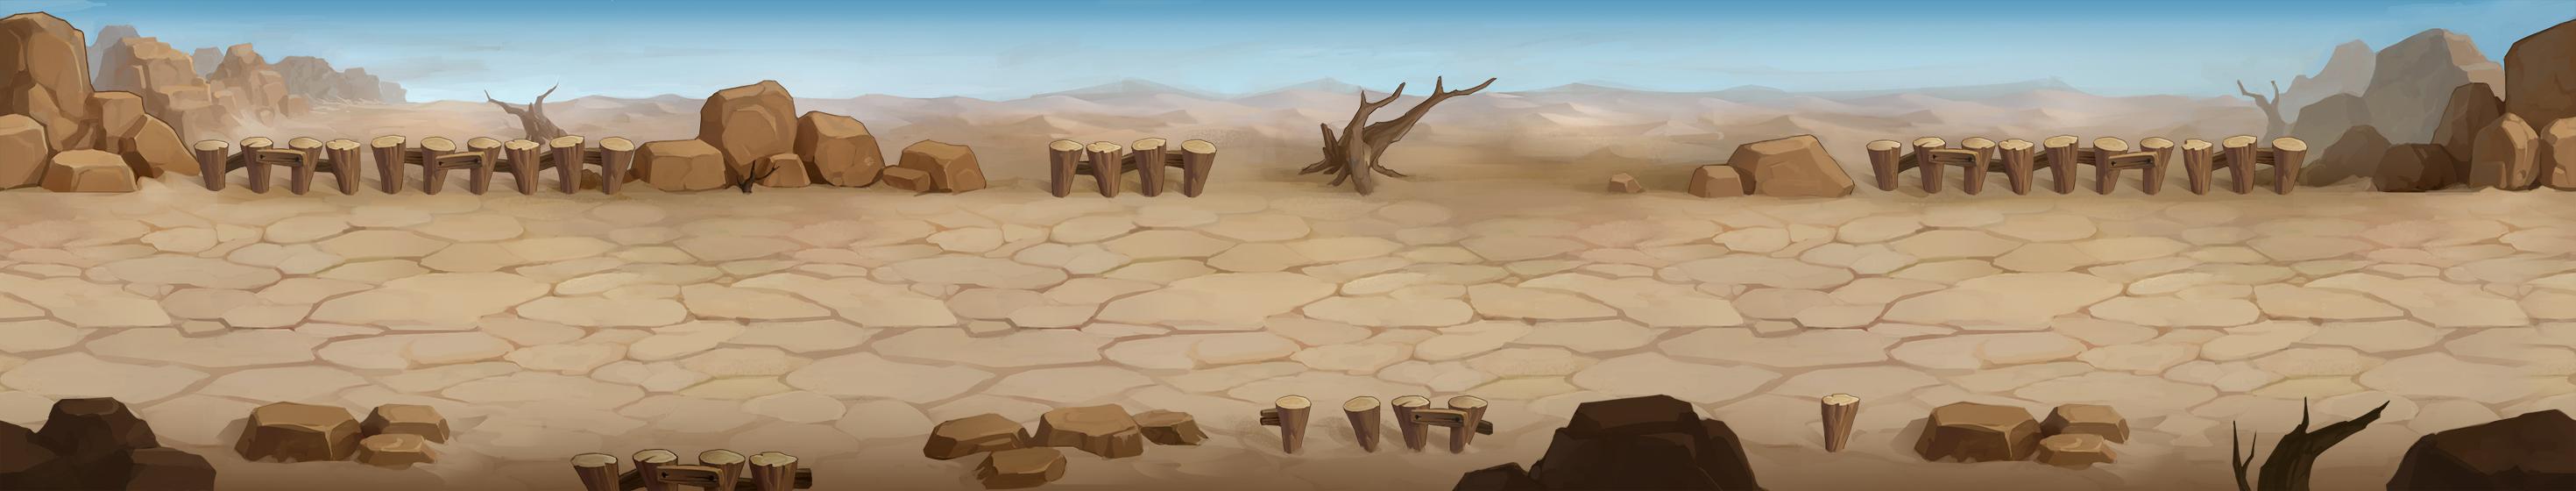 英魂猎手游戏截图4